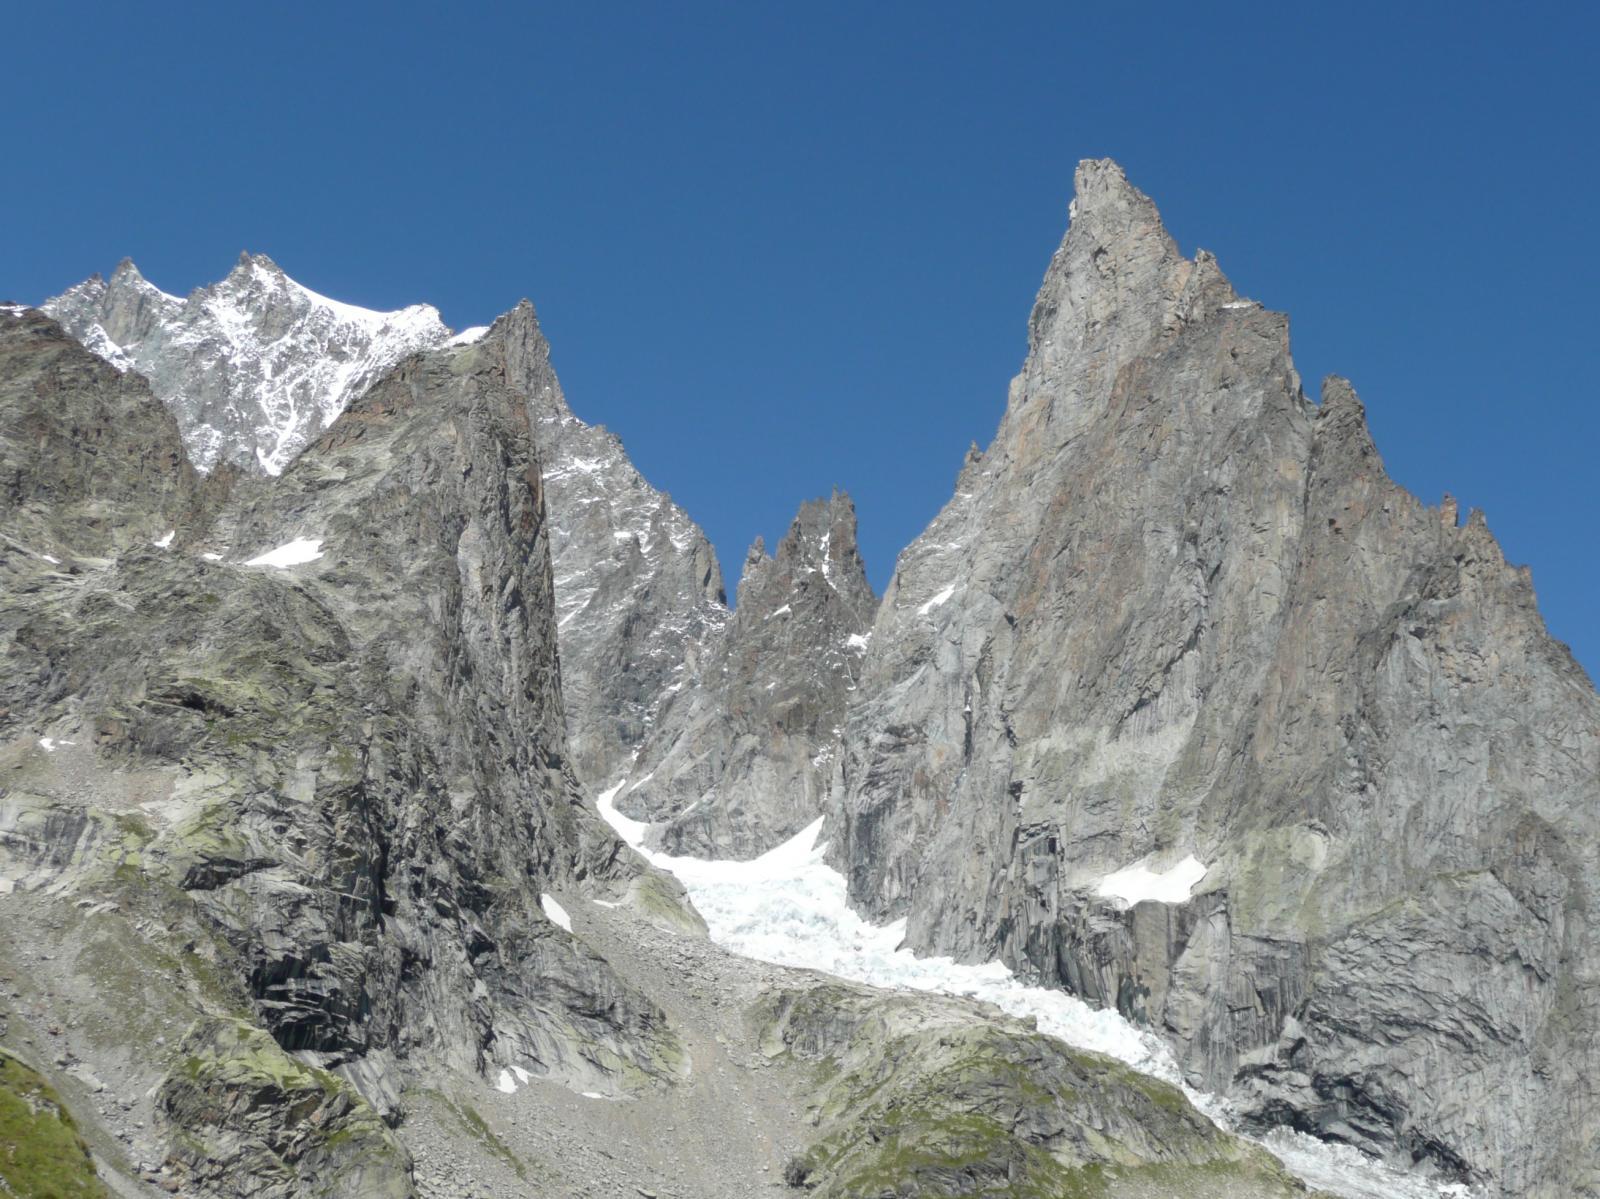 il ghiacciaio del Freney fra l'Aiguille Blanche e l'Aiguille Noire de Peterey